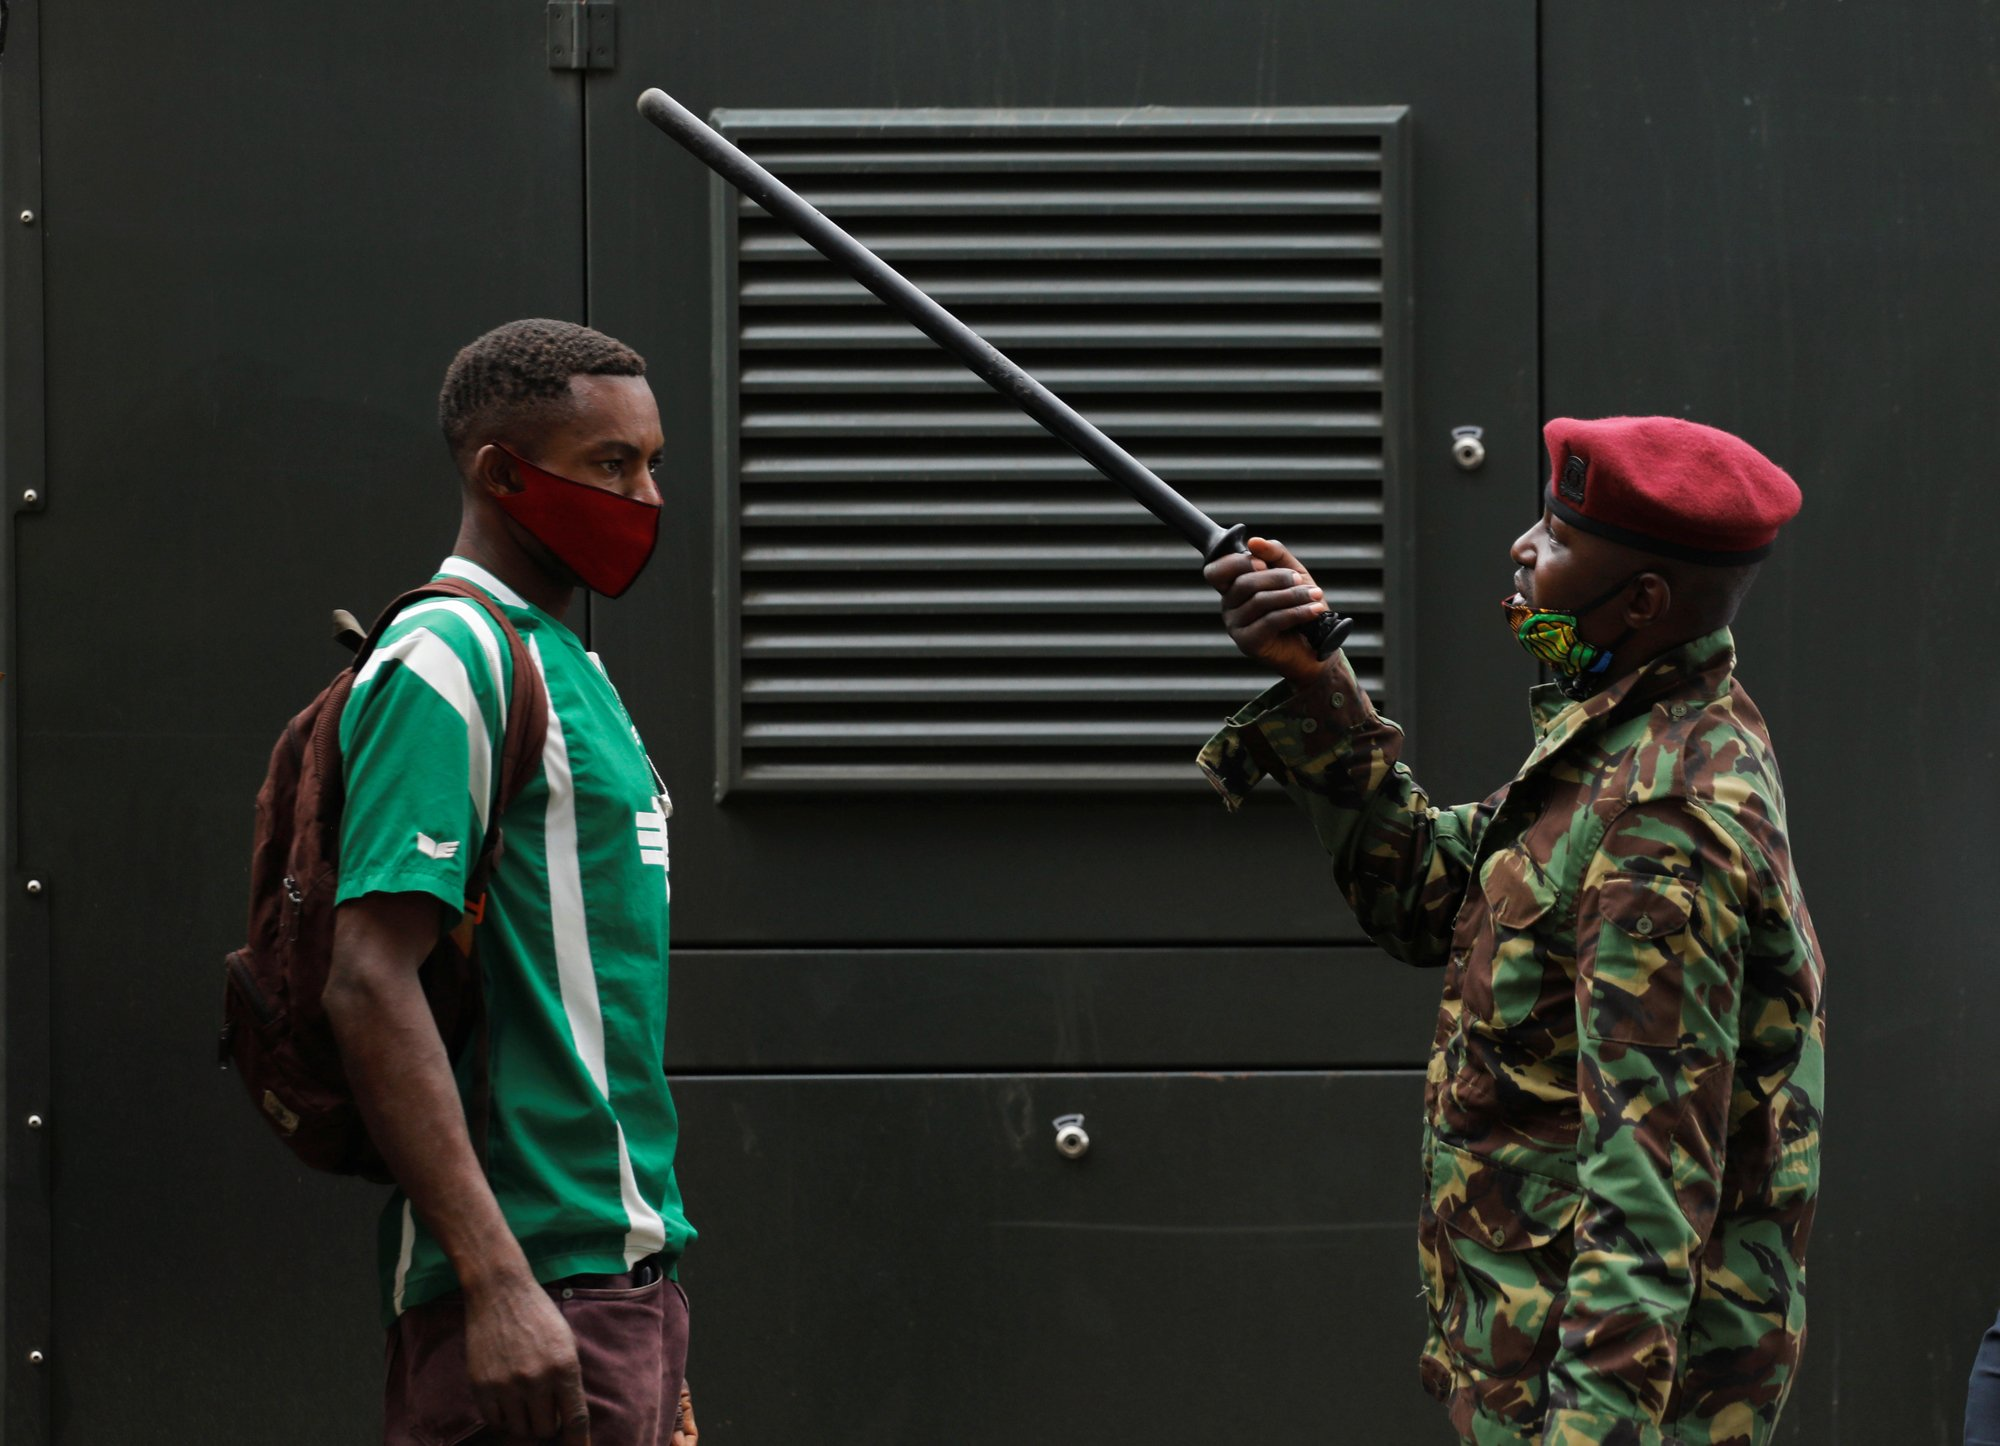 Un policía cuestiona a un transeúnte en un retén de control contra coronavirus en Kenia